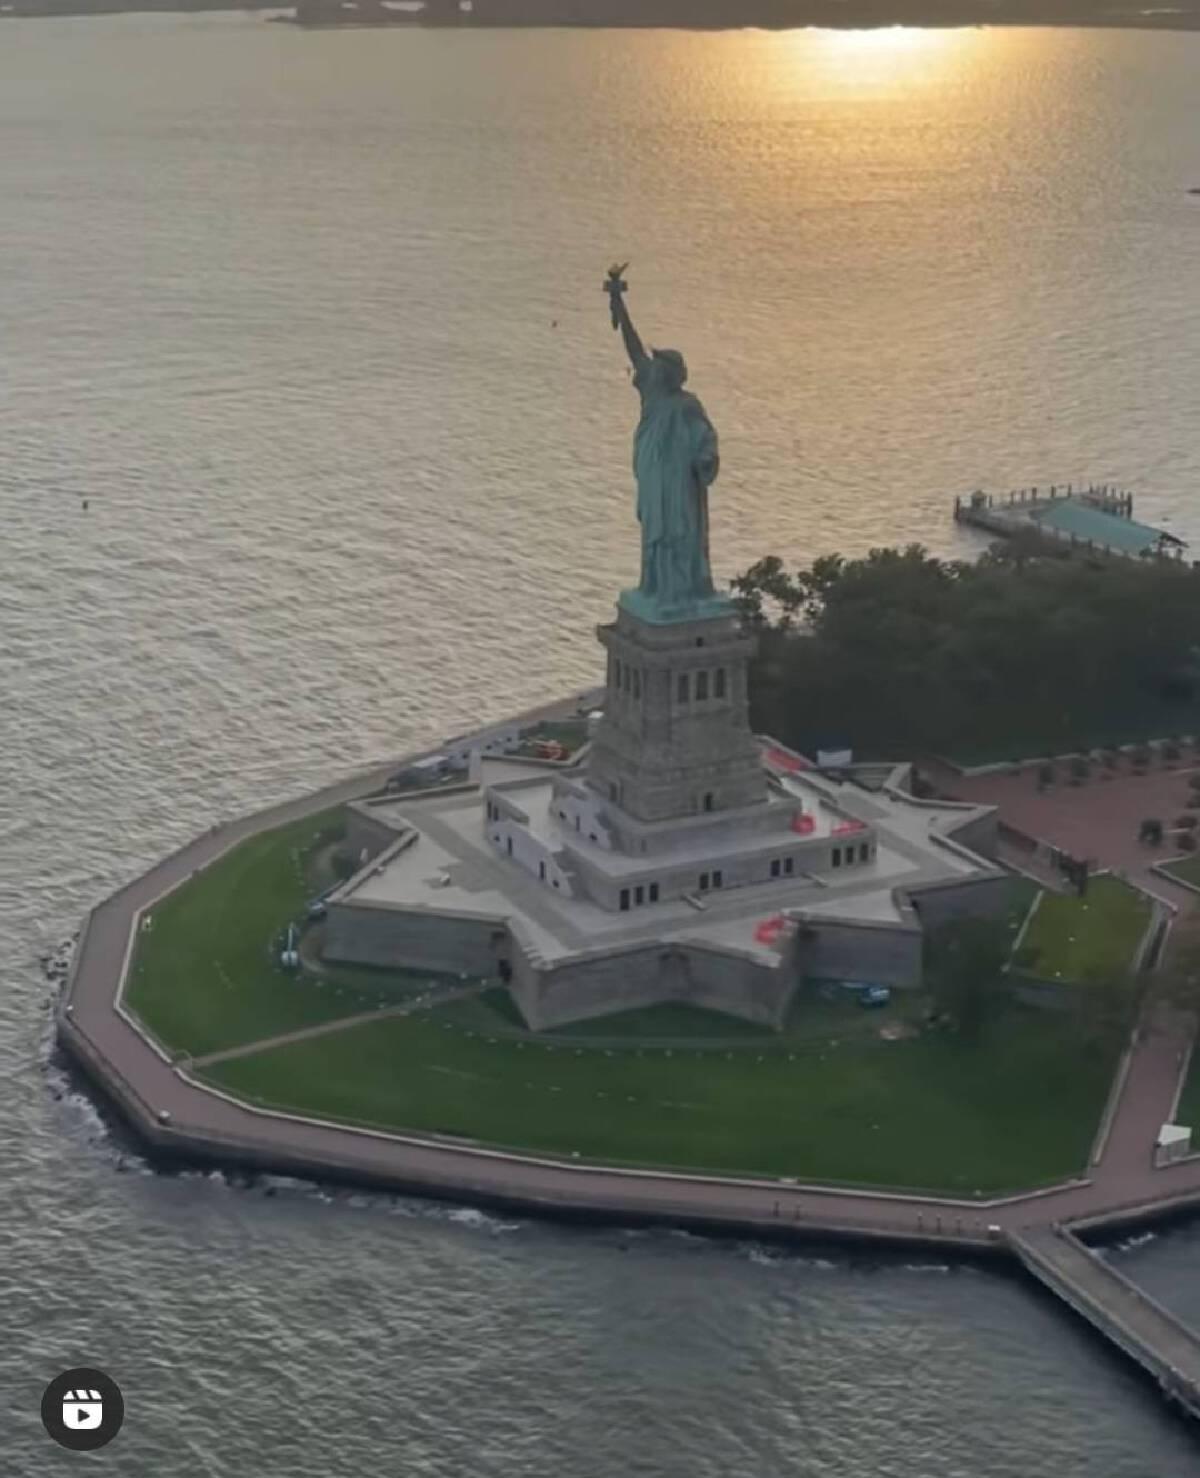 """อลังการ """"พลอย เฌอมาลย์"""" ฉลองวันเกิด ชวน คลอดีน นั่งเฮลิคอปเตอร์ ชมวิวนิวยอร์ก"""